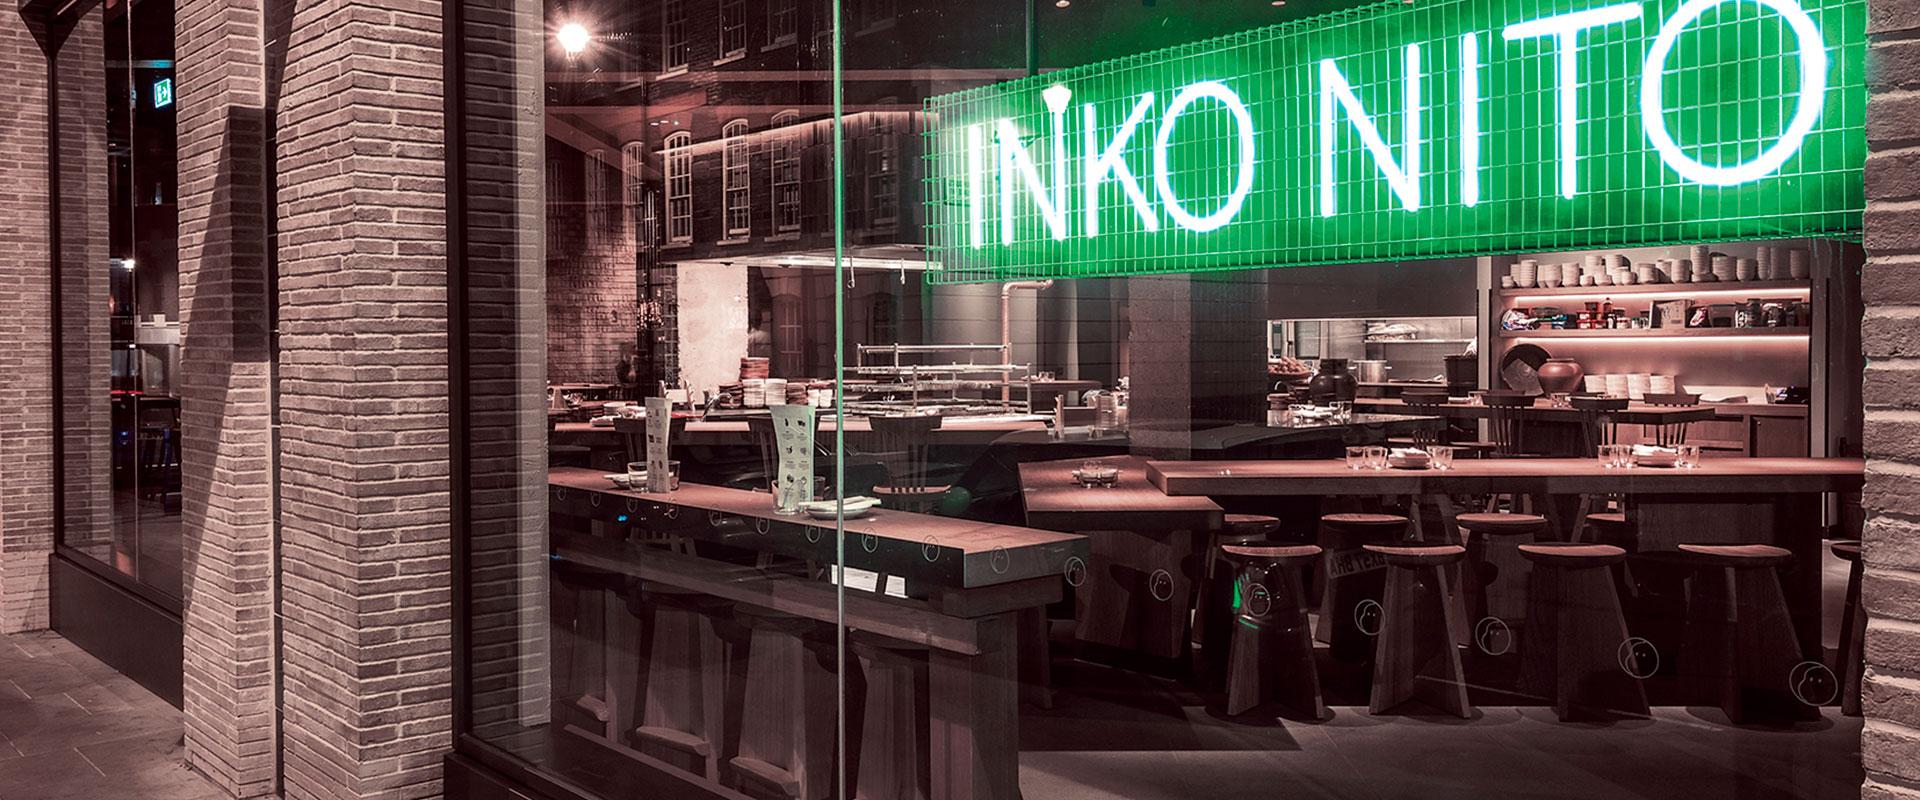 AGGLOTECH-progetto-inko-nito-slider-1